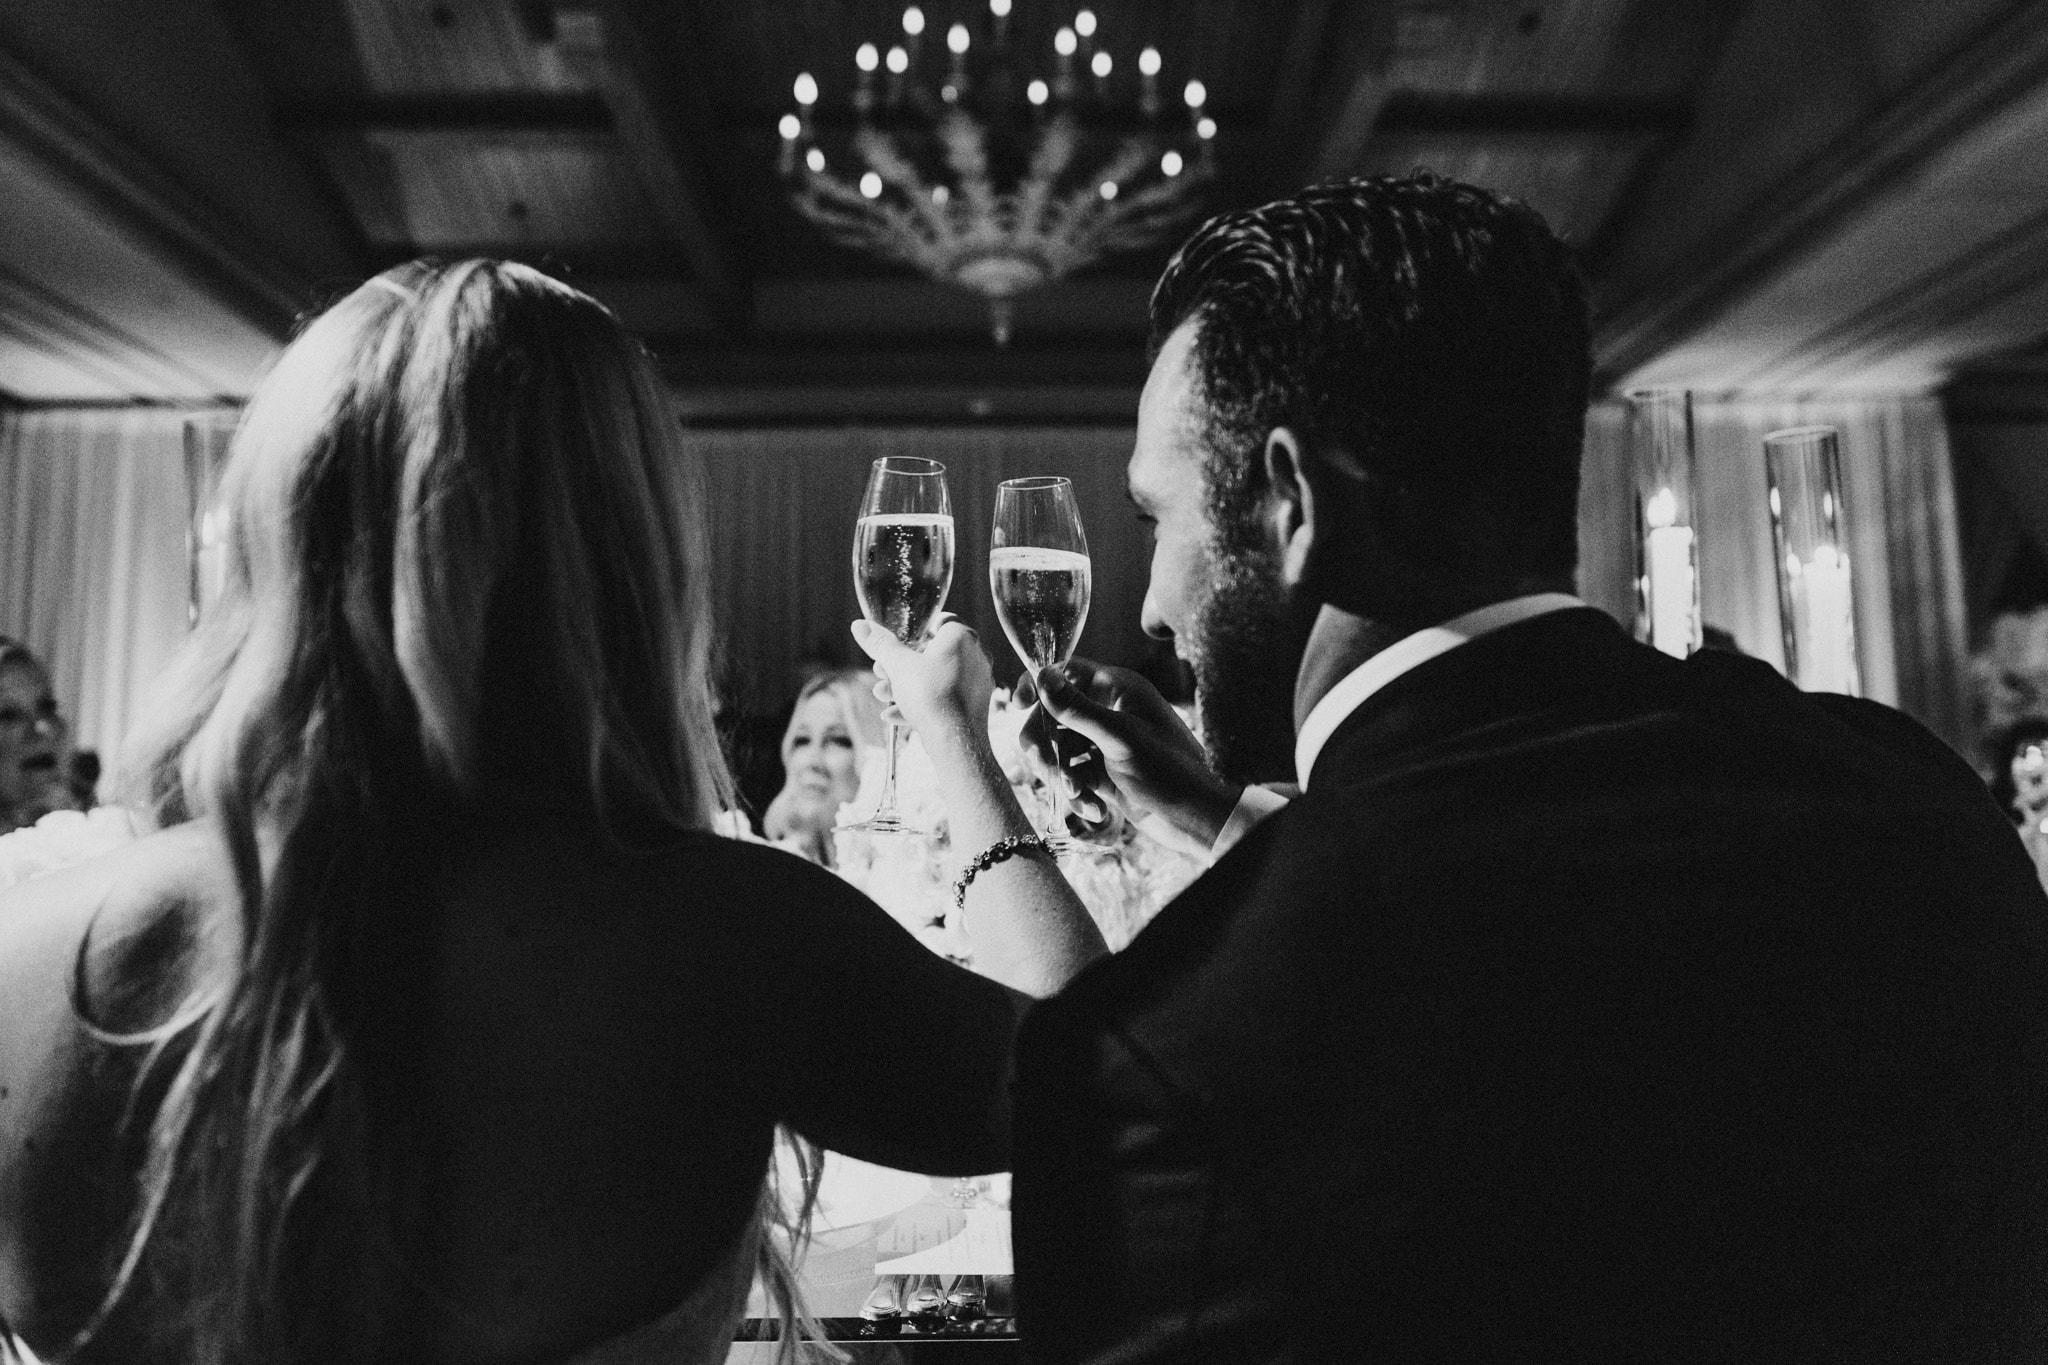 075-wedding-reception-dinner.jpg